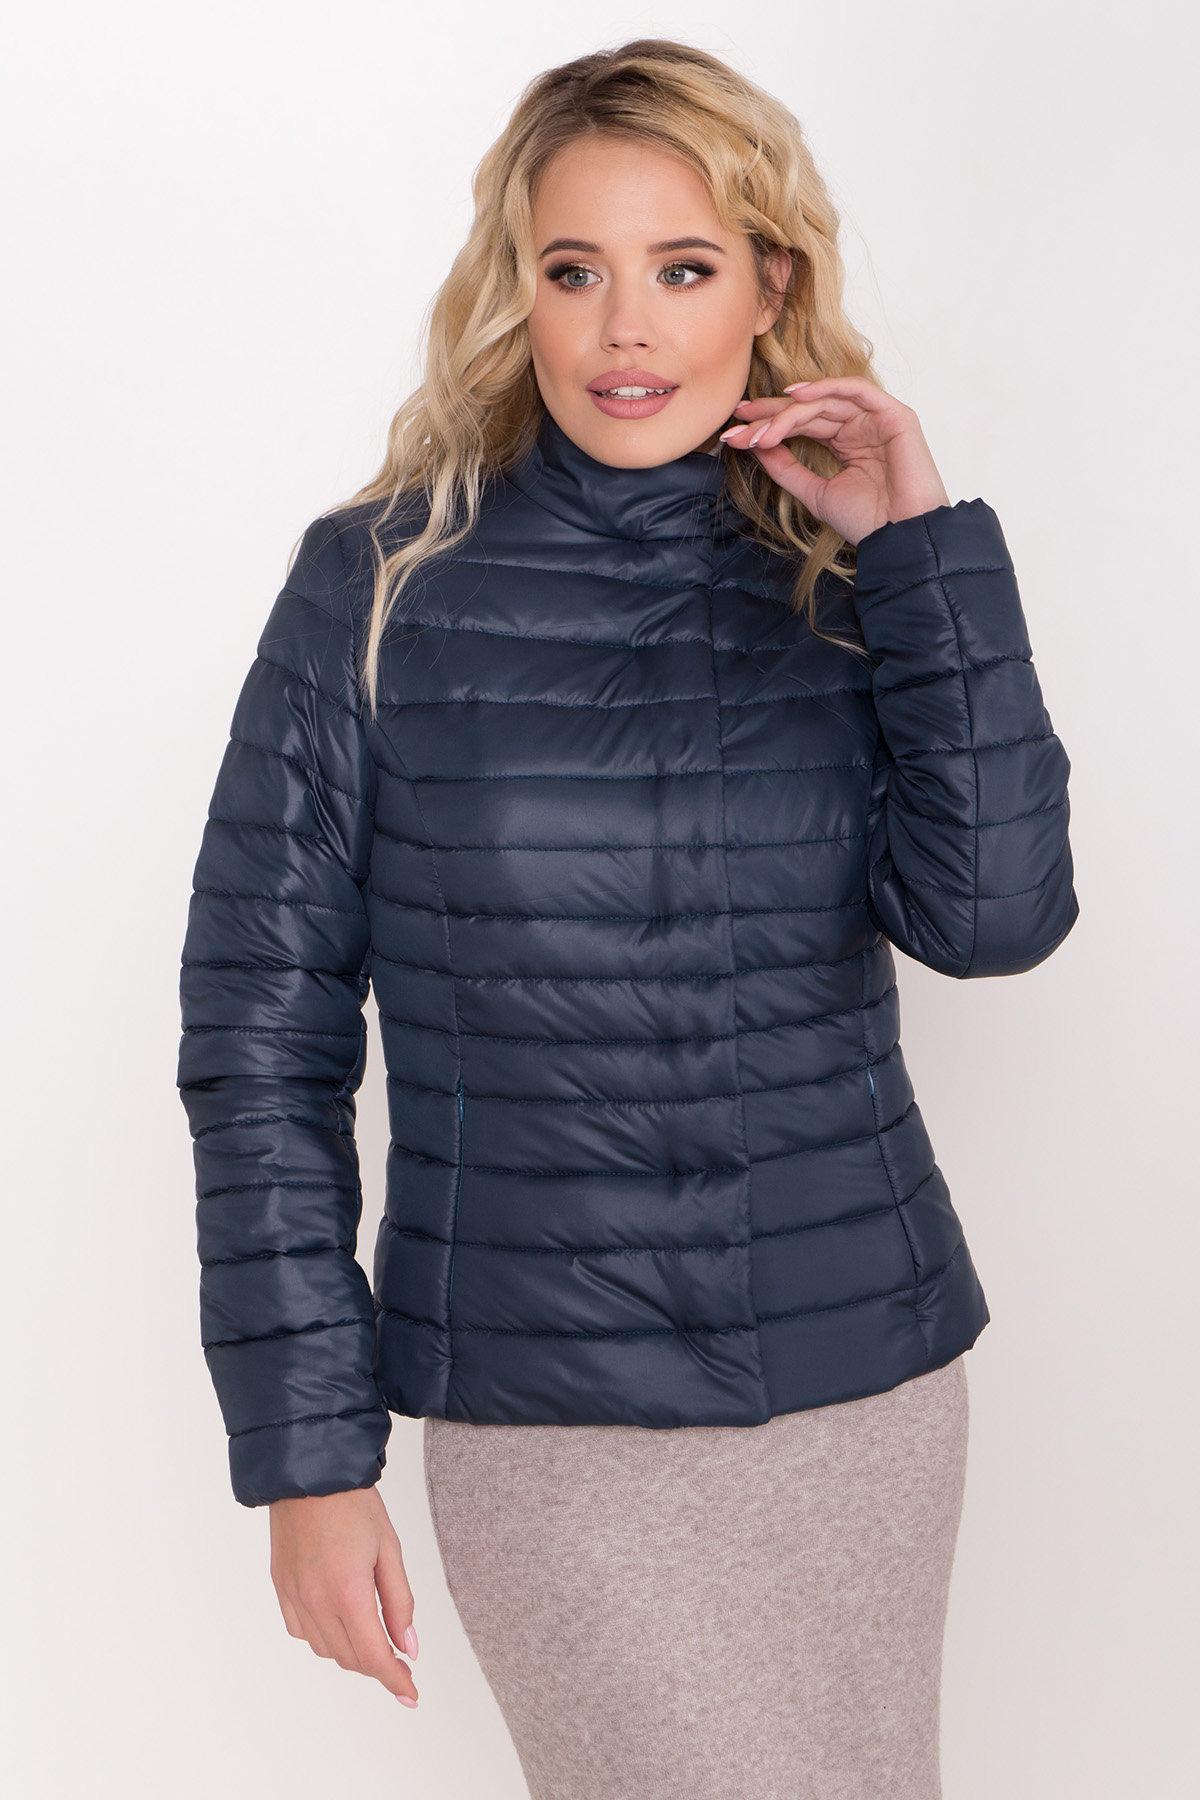 Стеганная демисезонная куртка Лоррейн 8445 Цвет: Т.зеленый